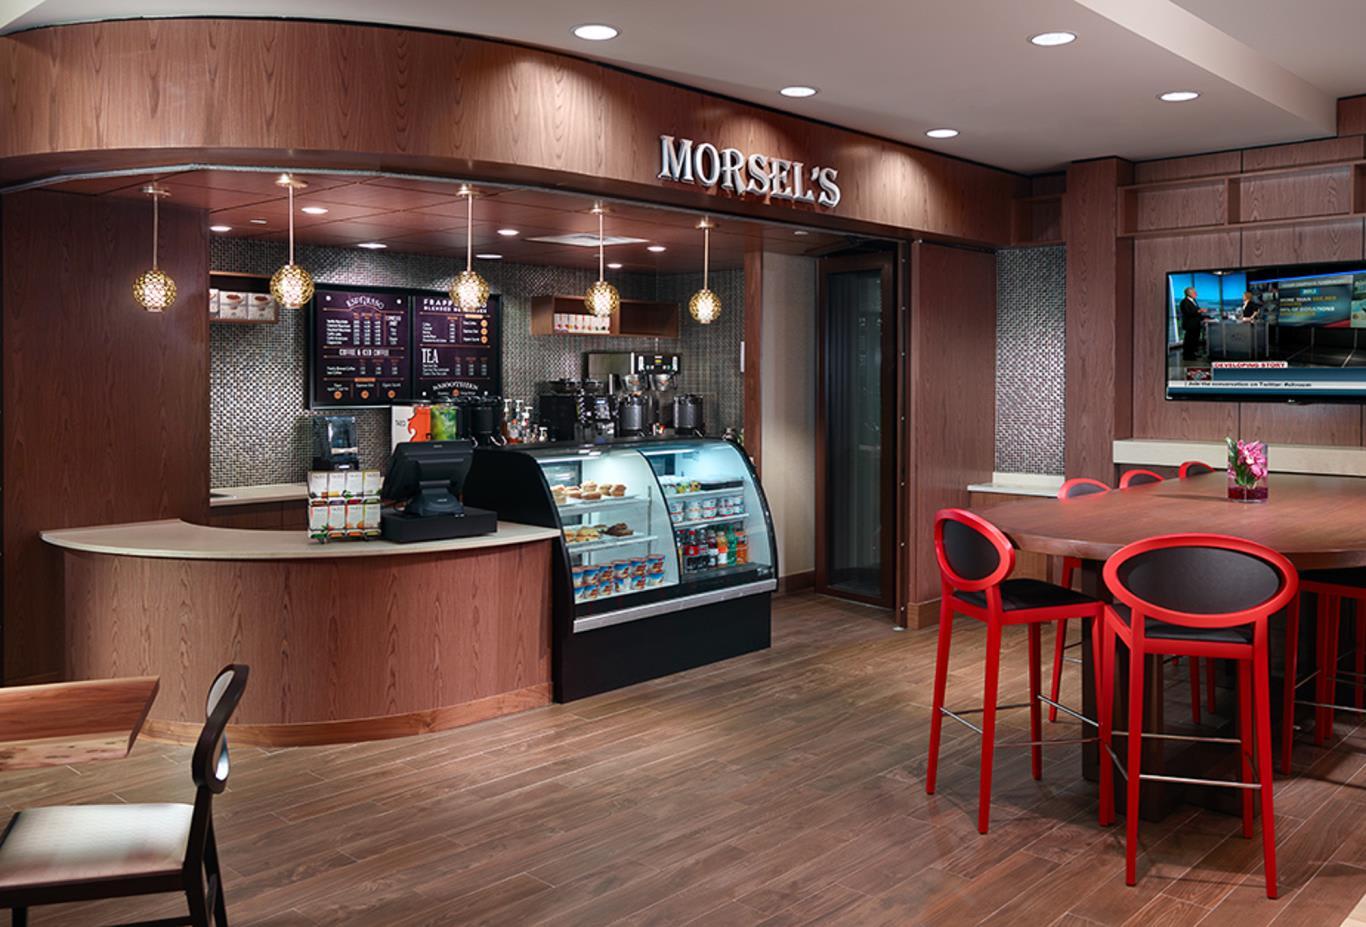 Morsels-nws